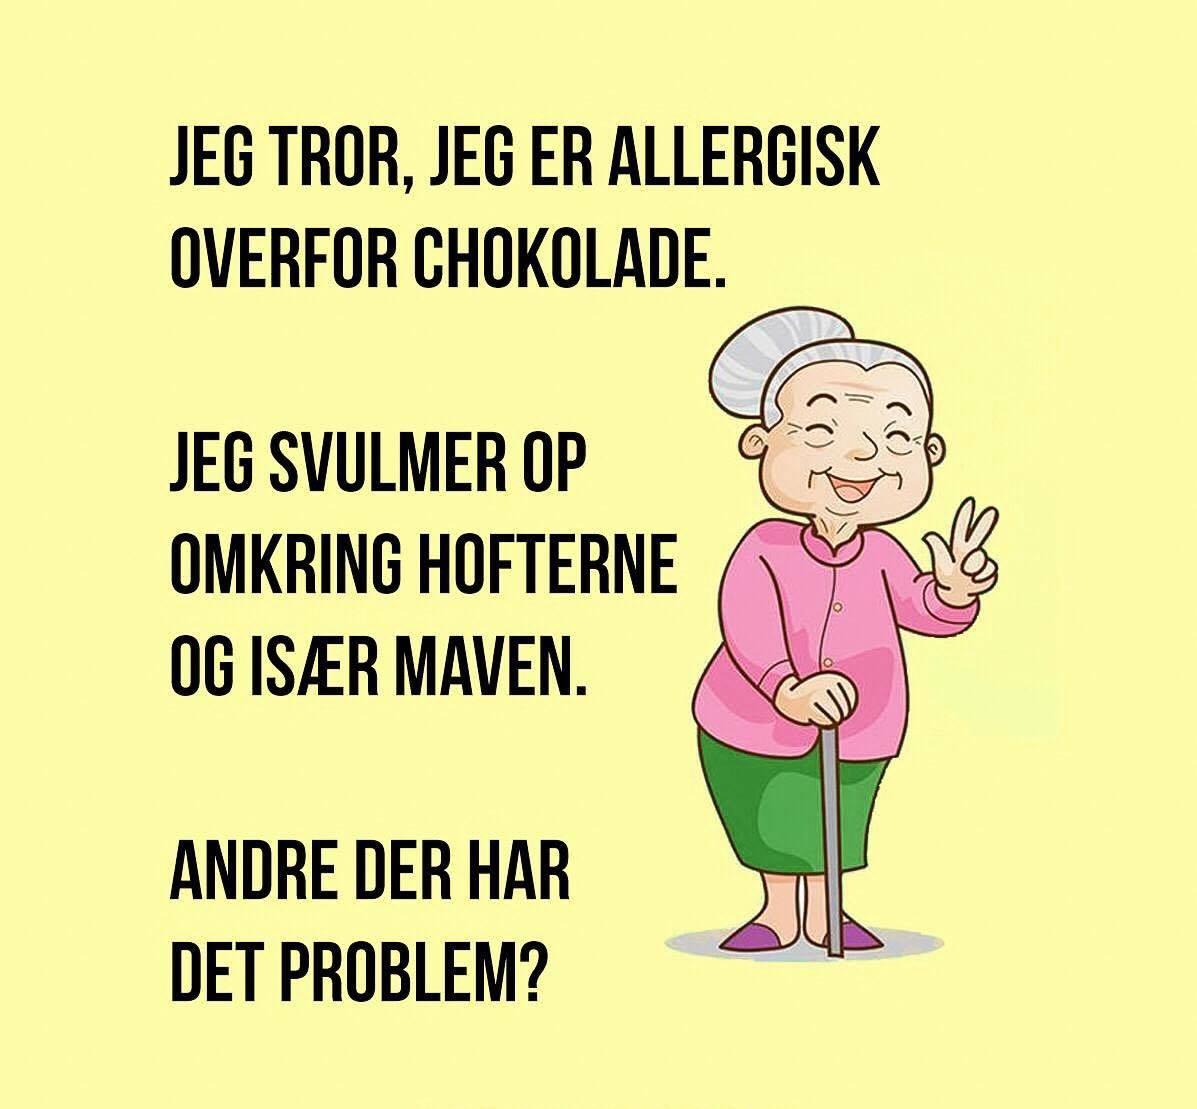 citater om chokolade chokolade   Danmarks sjoveste humor side   Velkommen til visdom.dk citater om chokolade